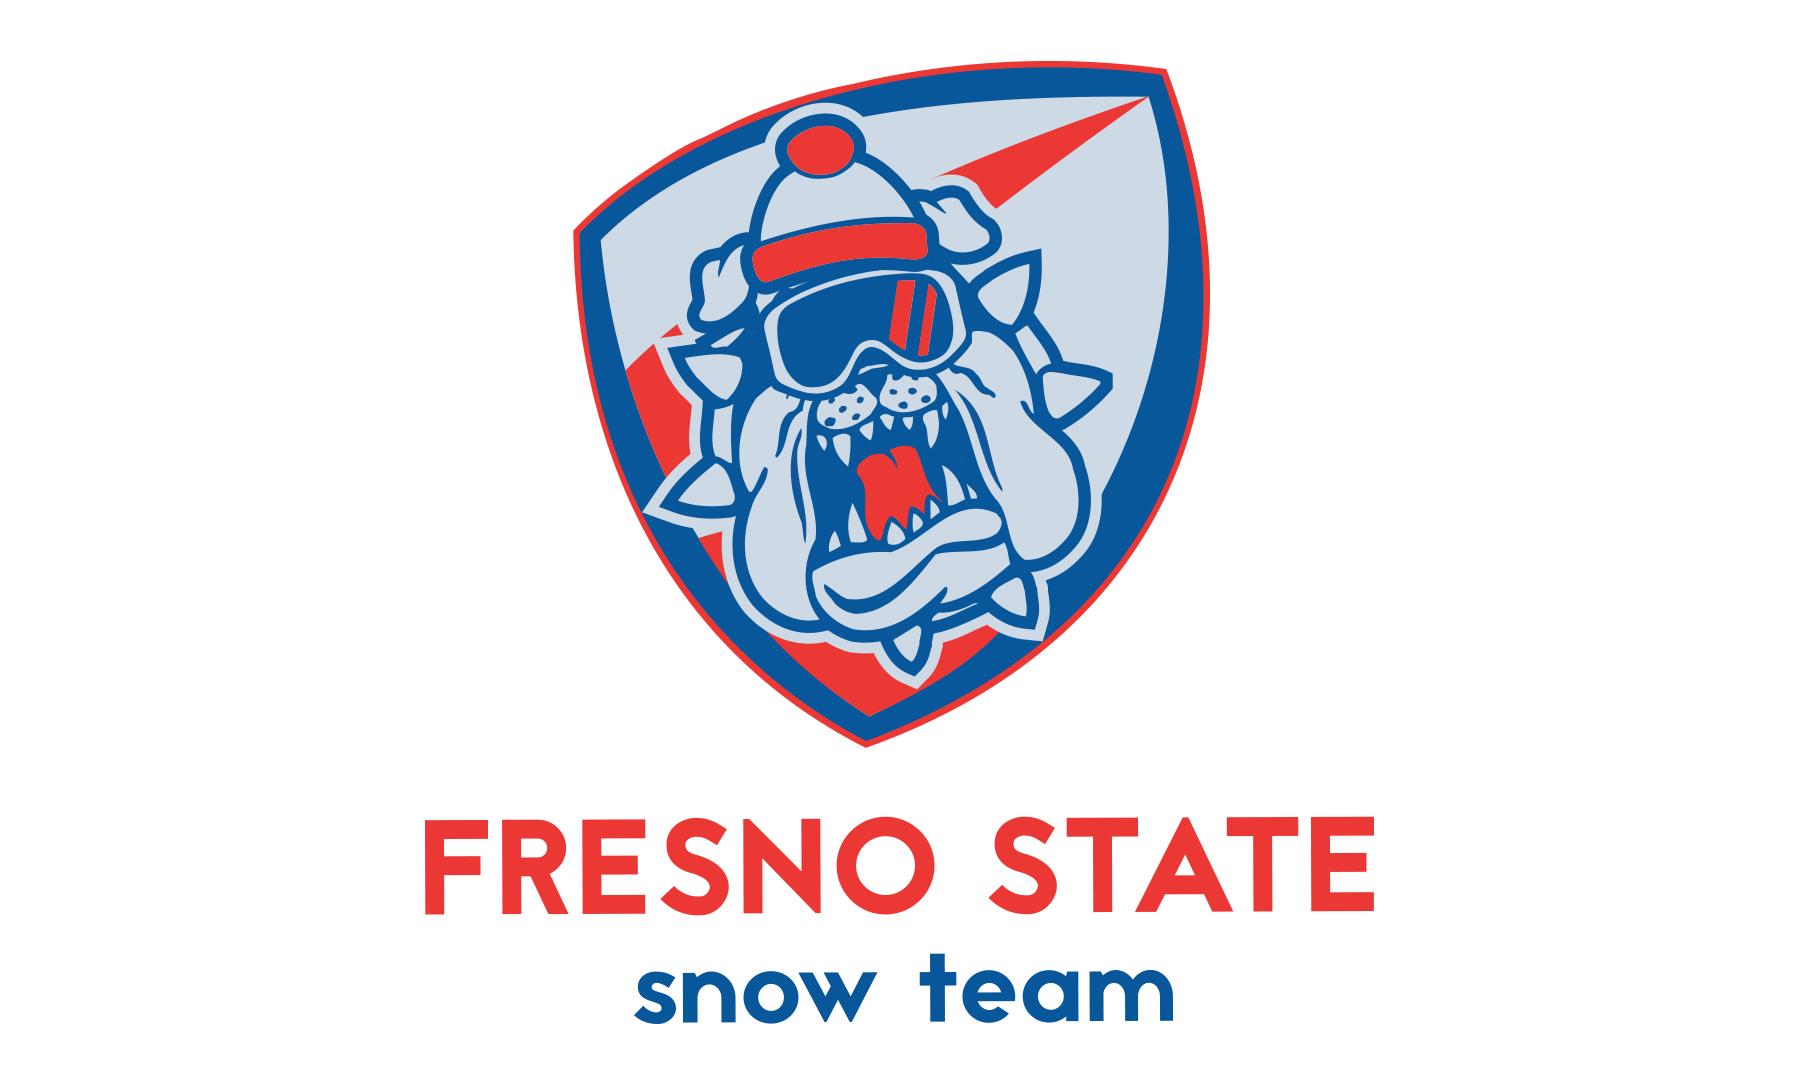 Fresno State Snow Team